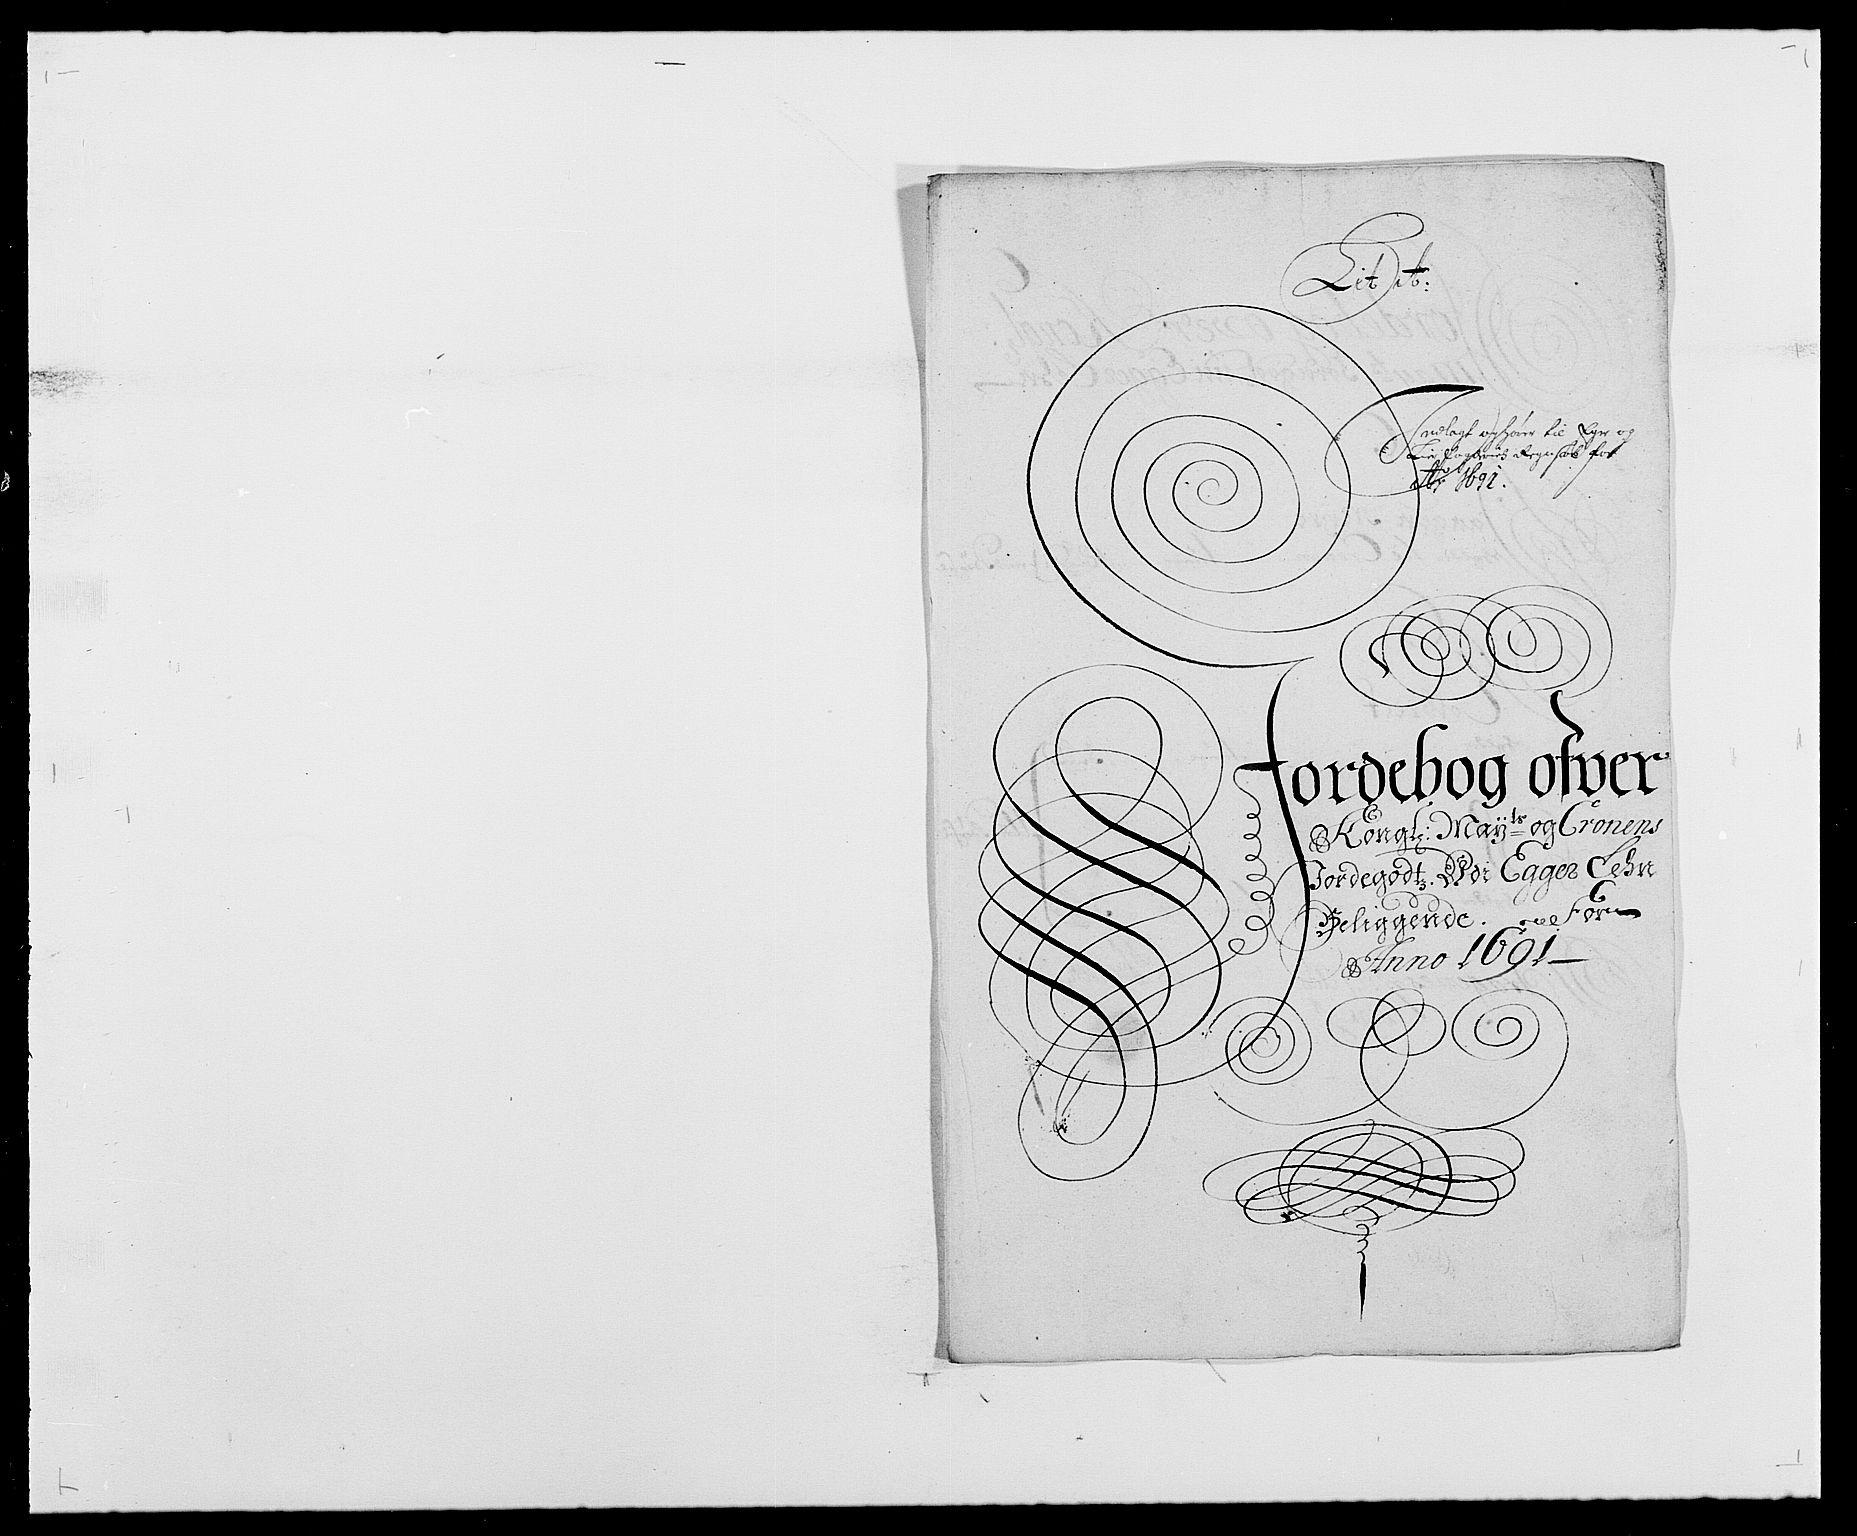 RA, Rentekammeret inntil 1814, Reviderte regnskaper, Fogderegnskap, R28/L1689: Fogderegnskap Eiker og Lier, 1690-1691, s. 221